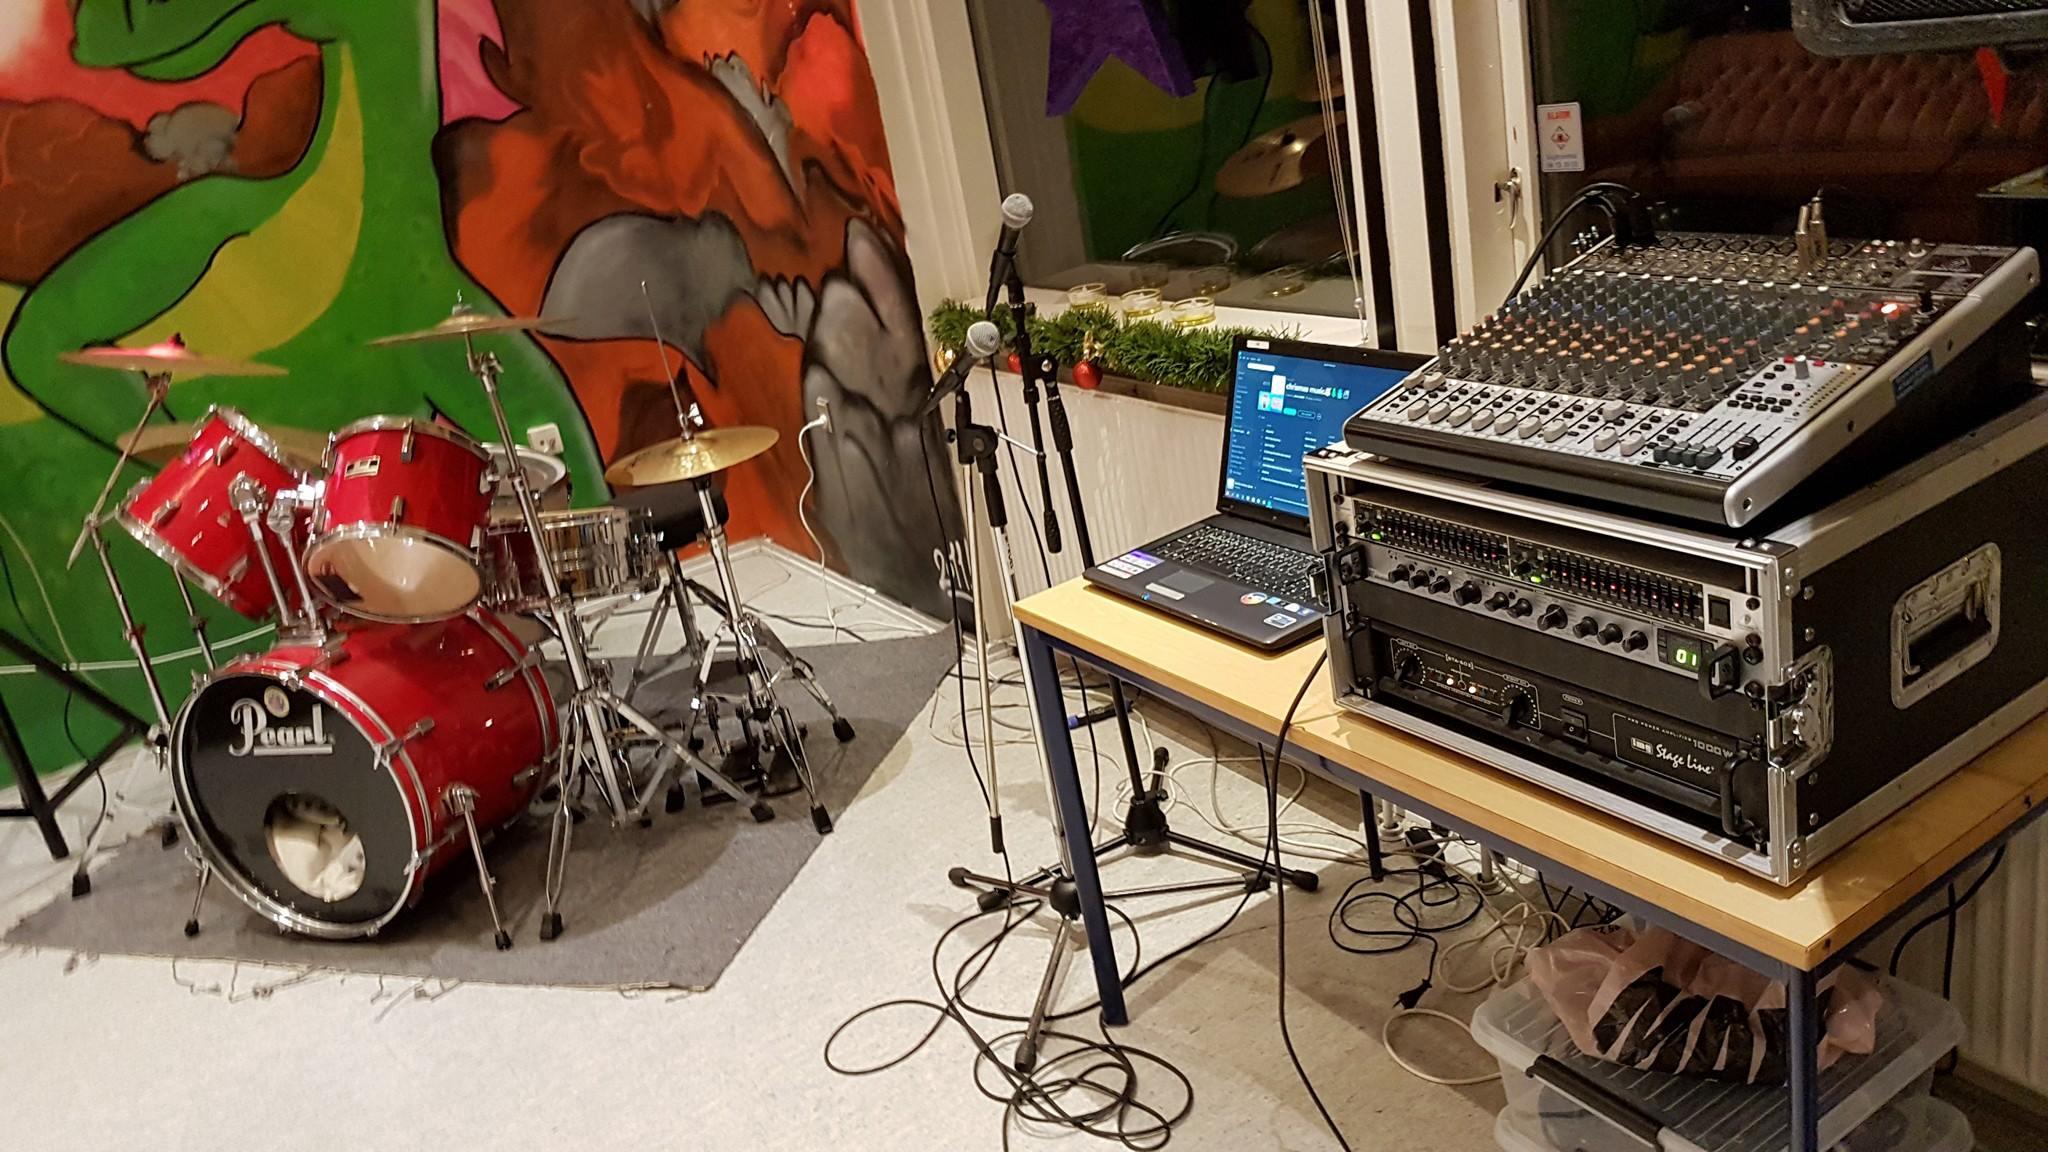 trummesæt og lyd udstyr